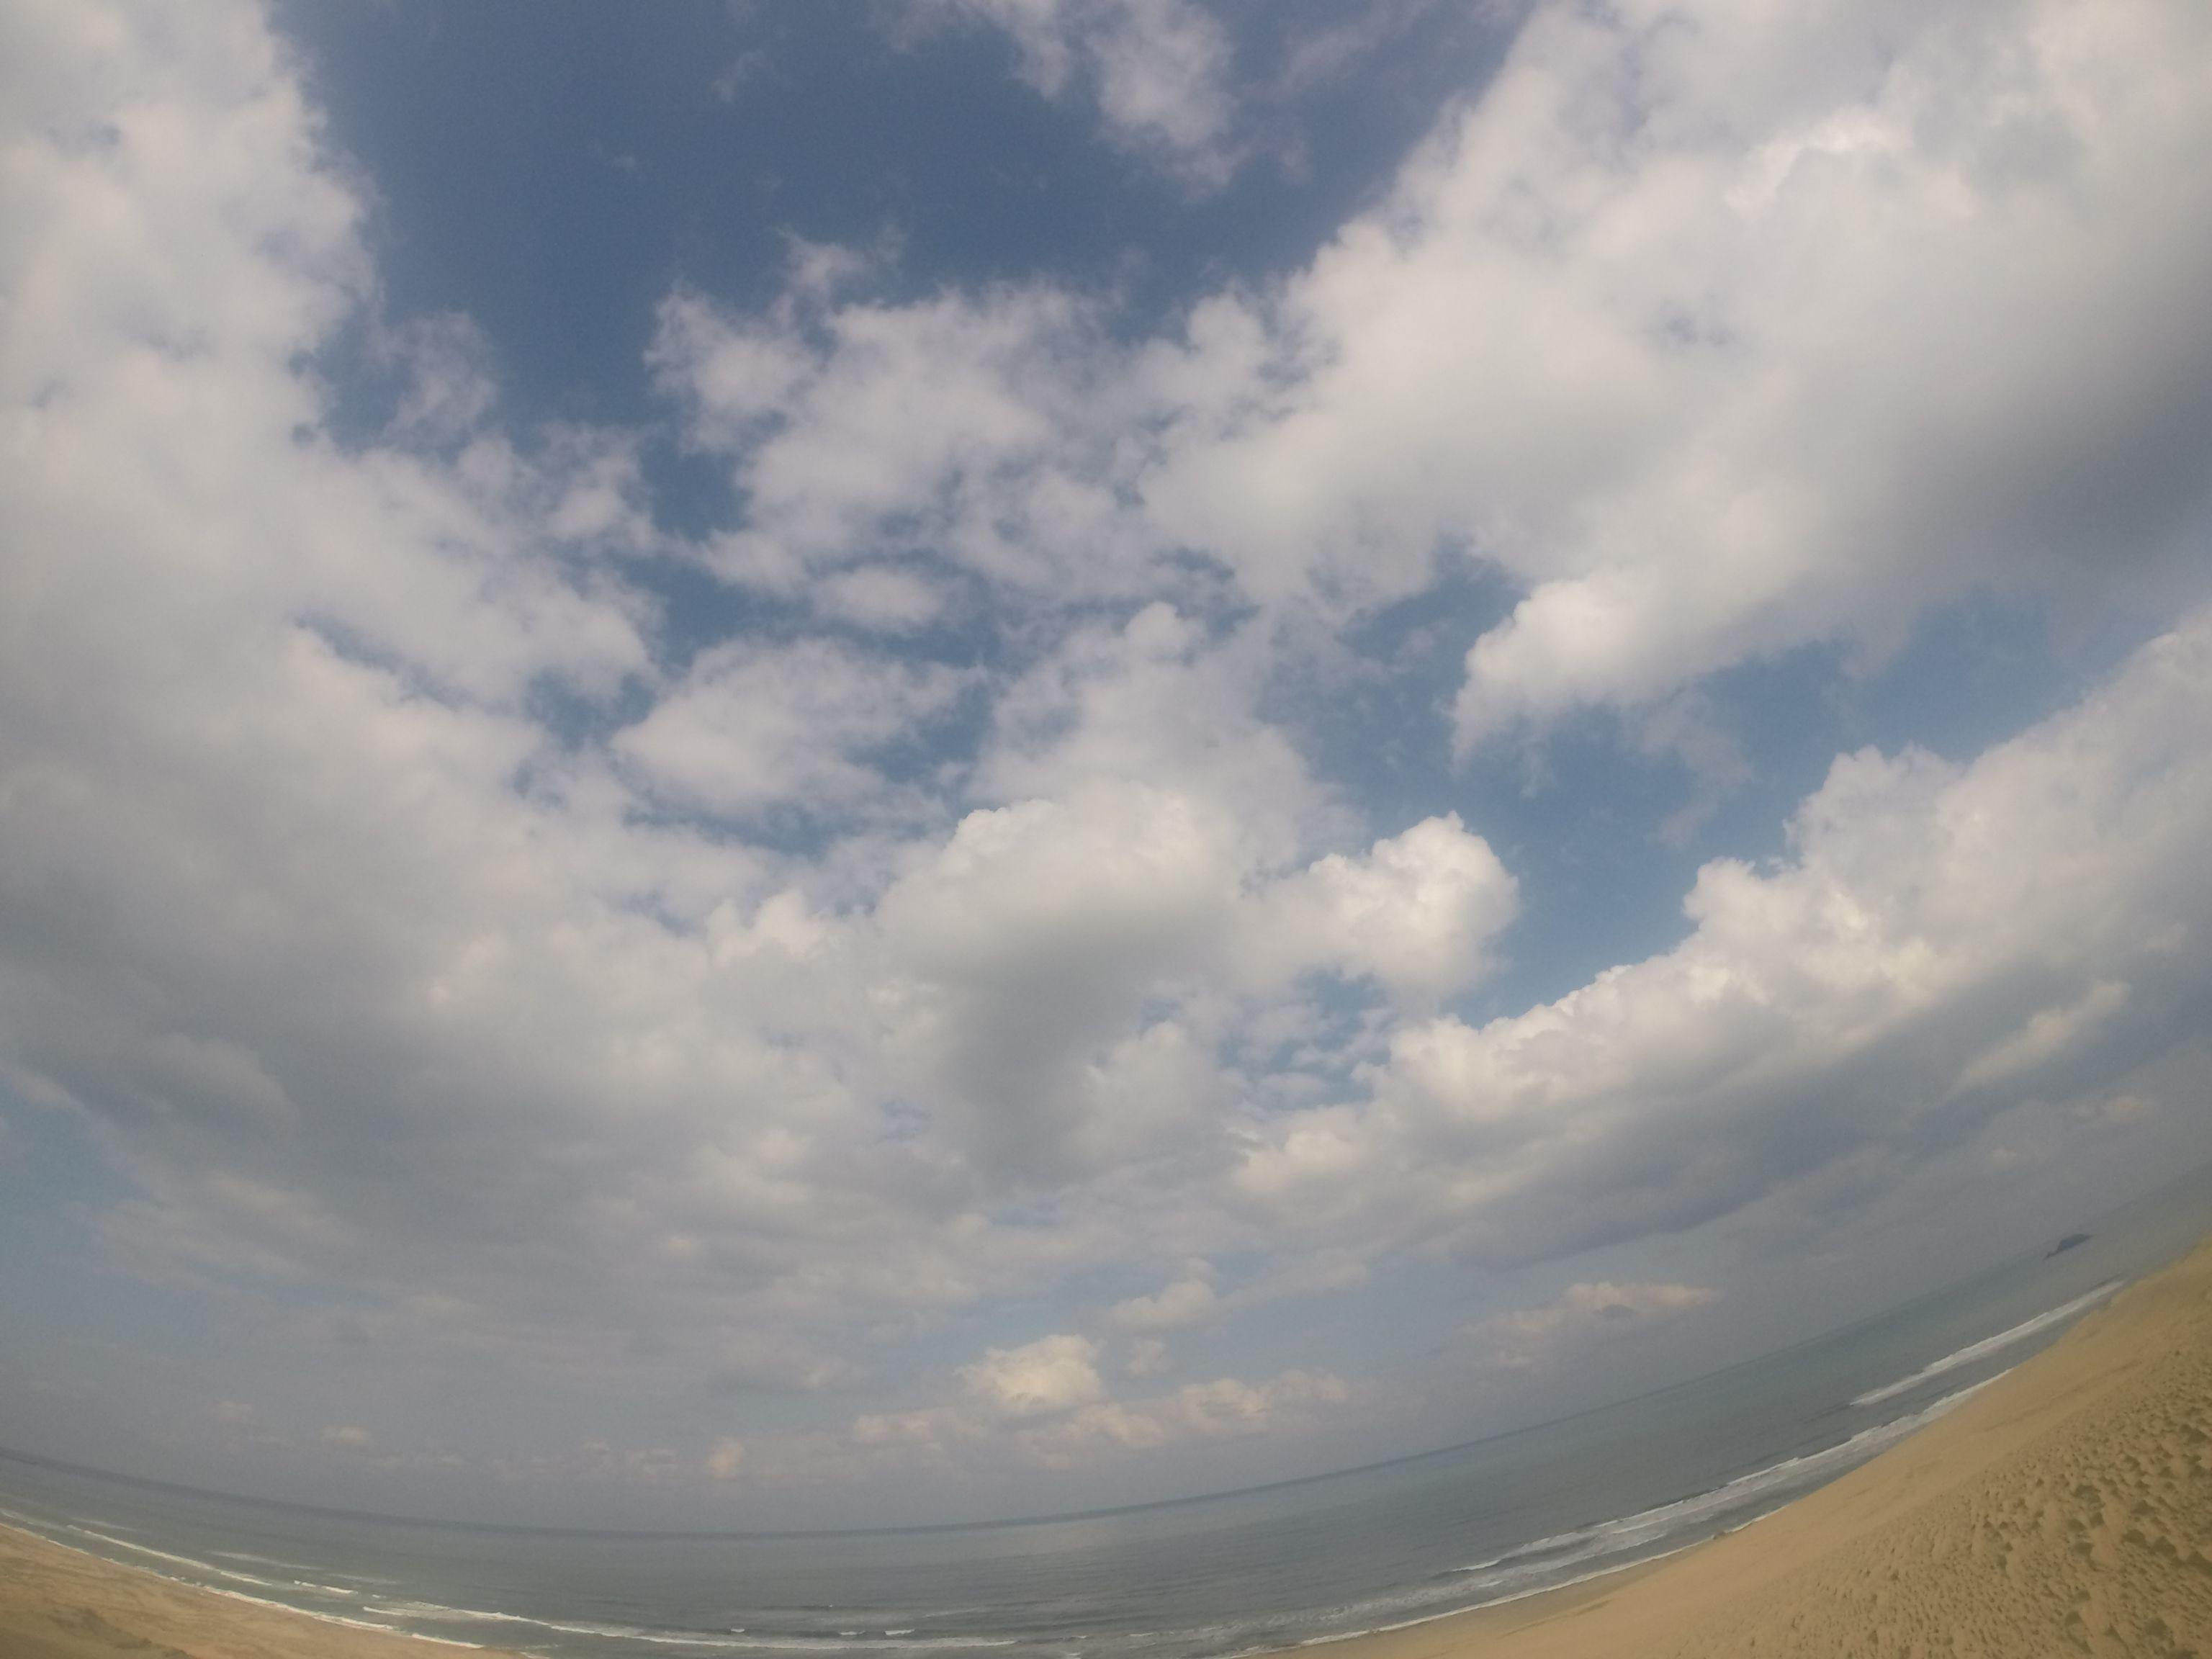 爽やかな青空が広がってきた鳥取砂丘